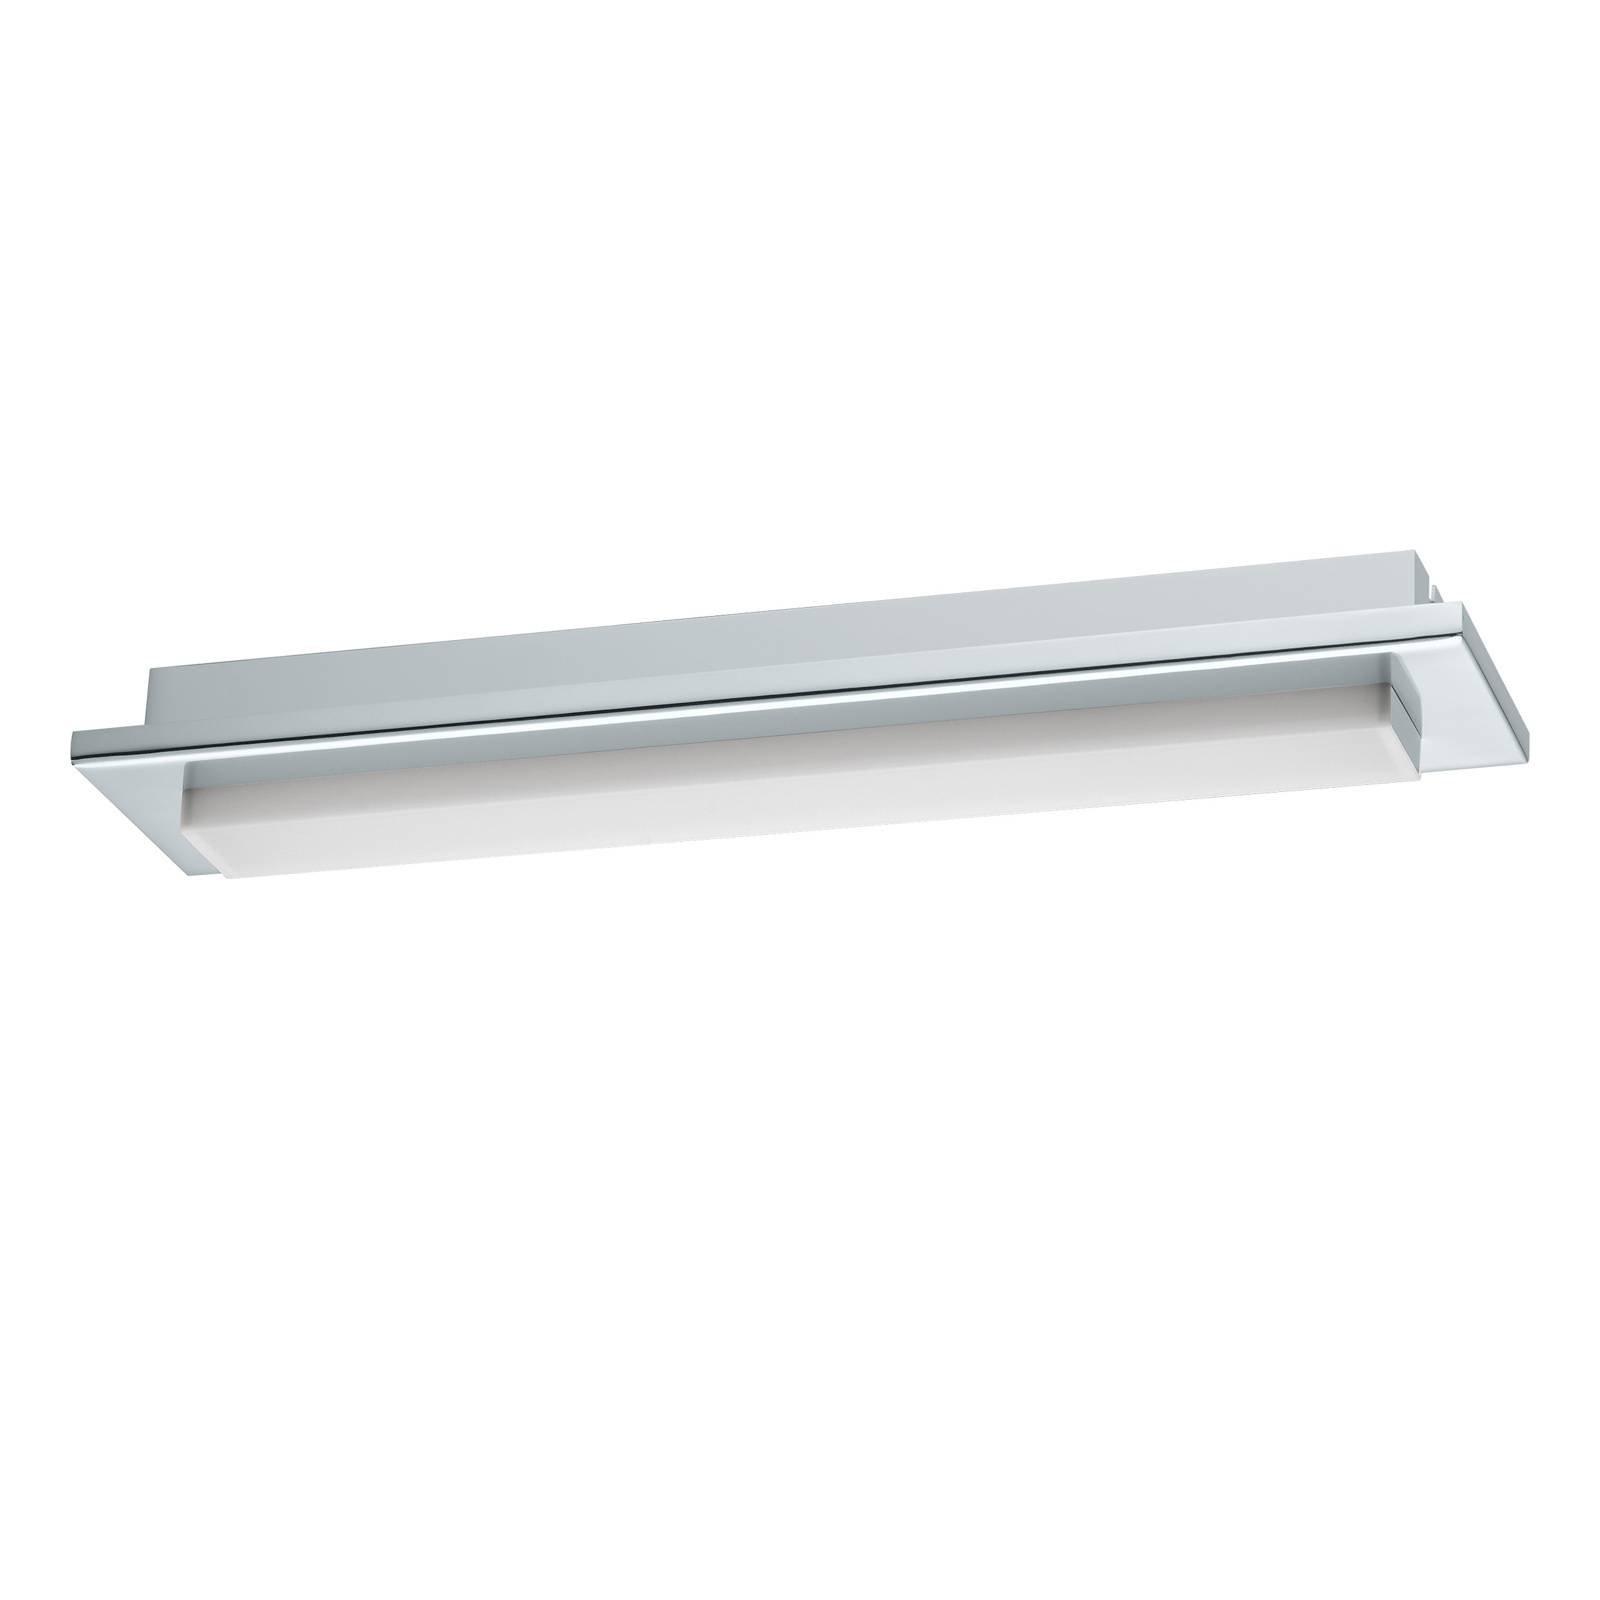 LED-speillampe Cumbrecita, forkrommet, 38 cm